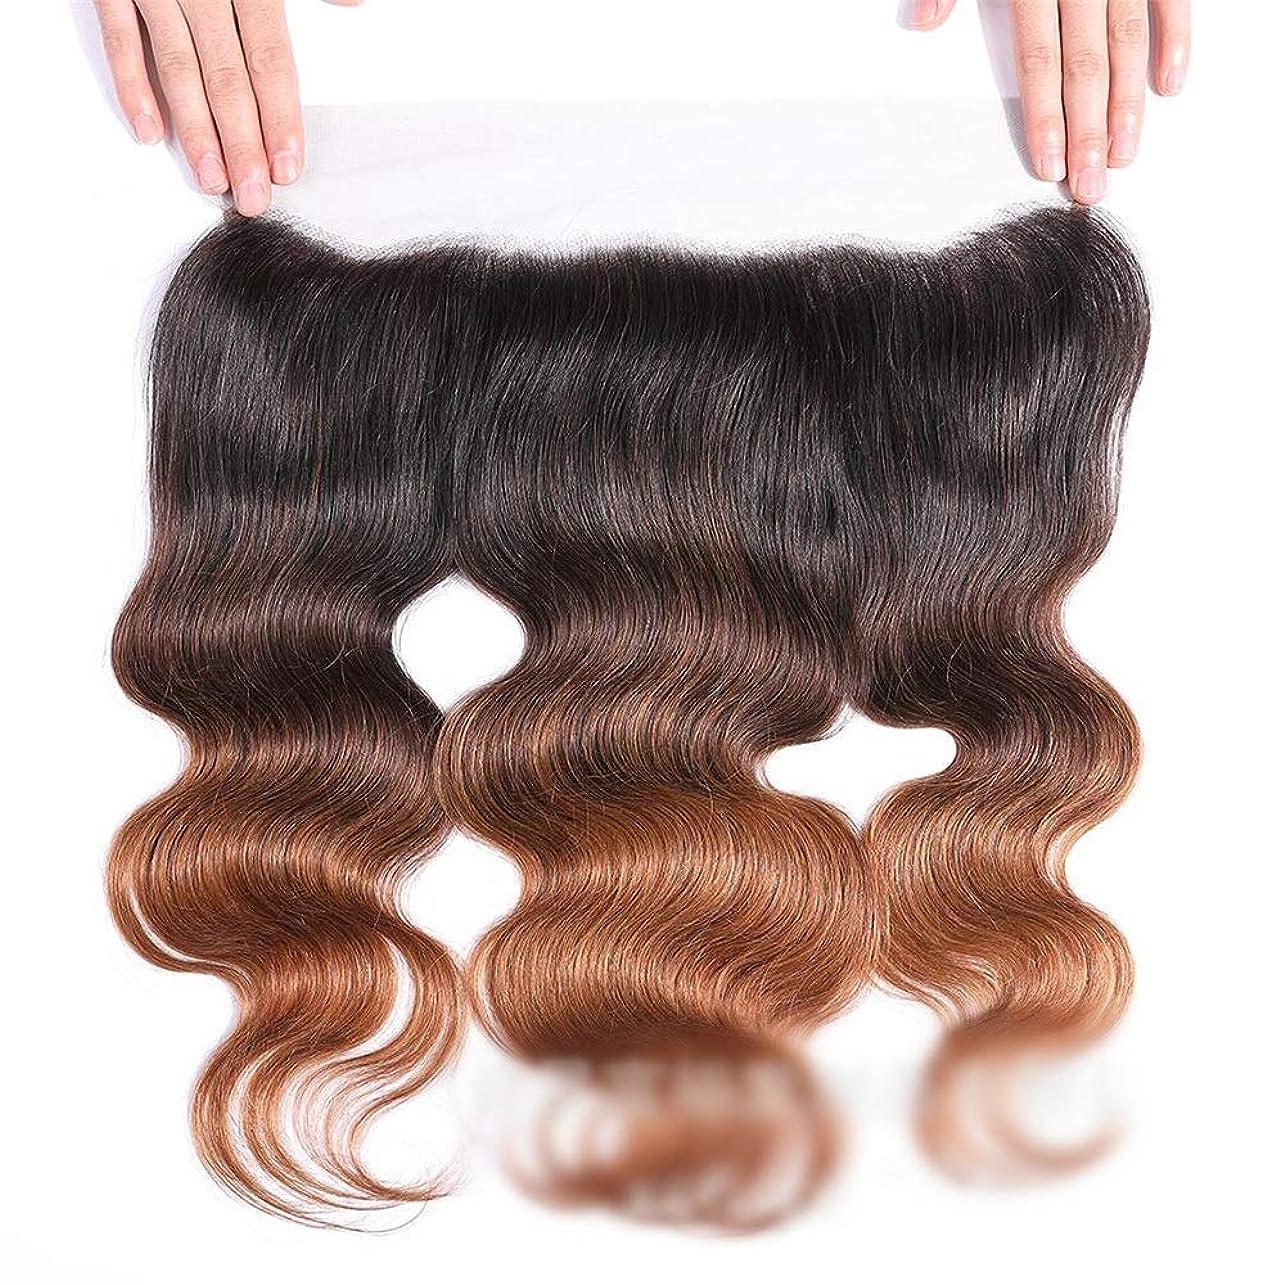 金銭的なしがみつく苦いHOHYLLYA 13x4レースの閉鎖ブラジルの実体波人間の髪の毛の自由な部分ブラウンナチュラル探して茶色のかつら長い巻き毛のかつら、 (色 : ブラウン, サイズ : 16 inch)